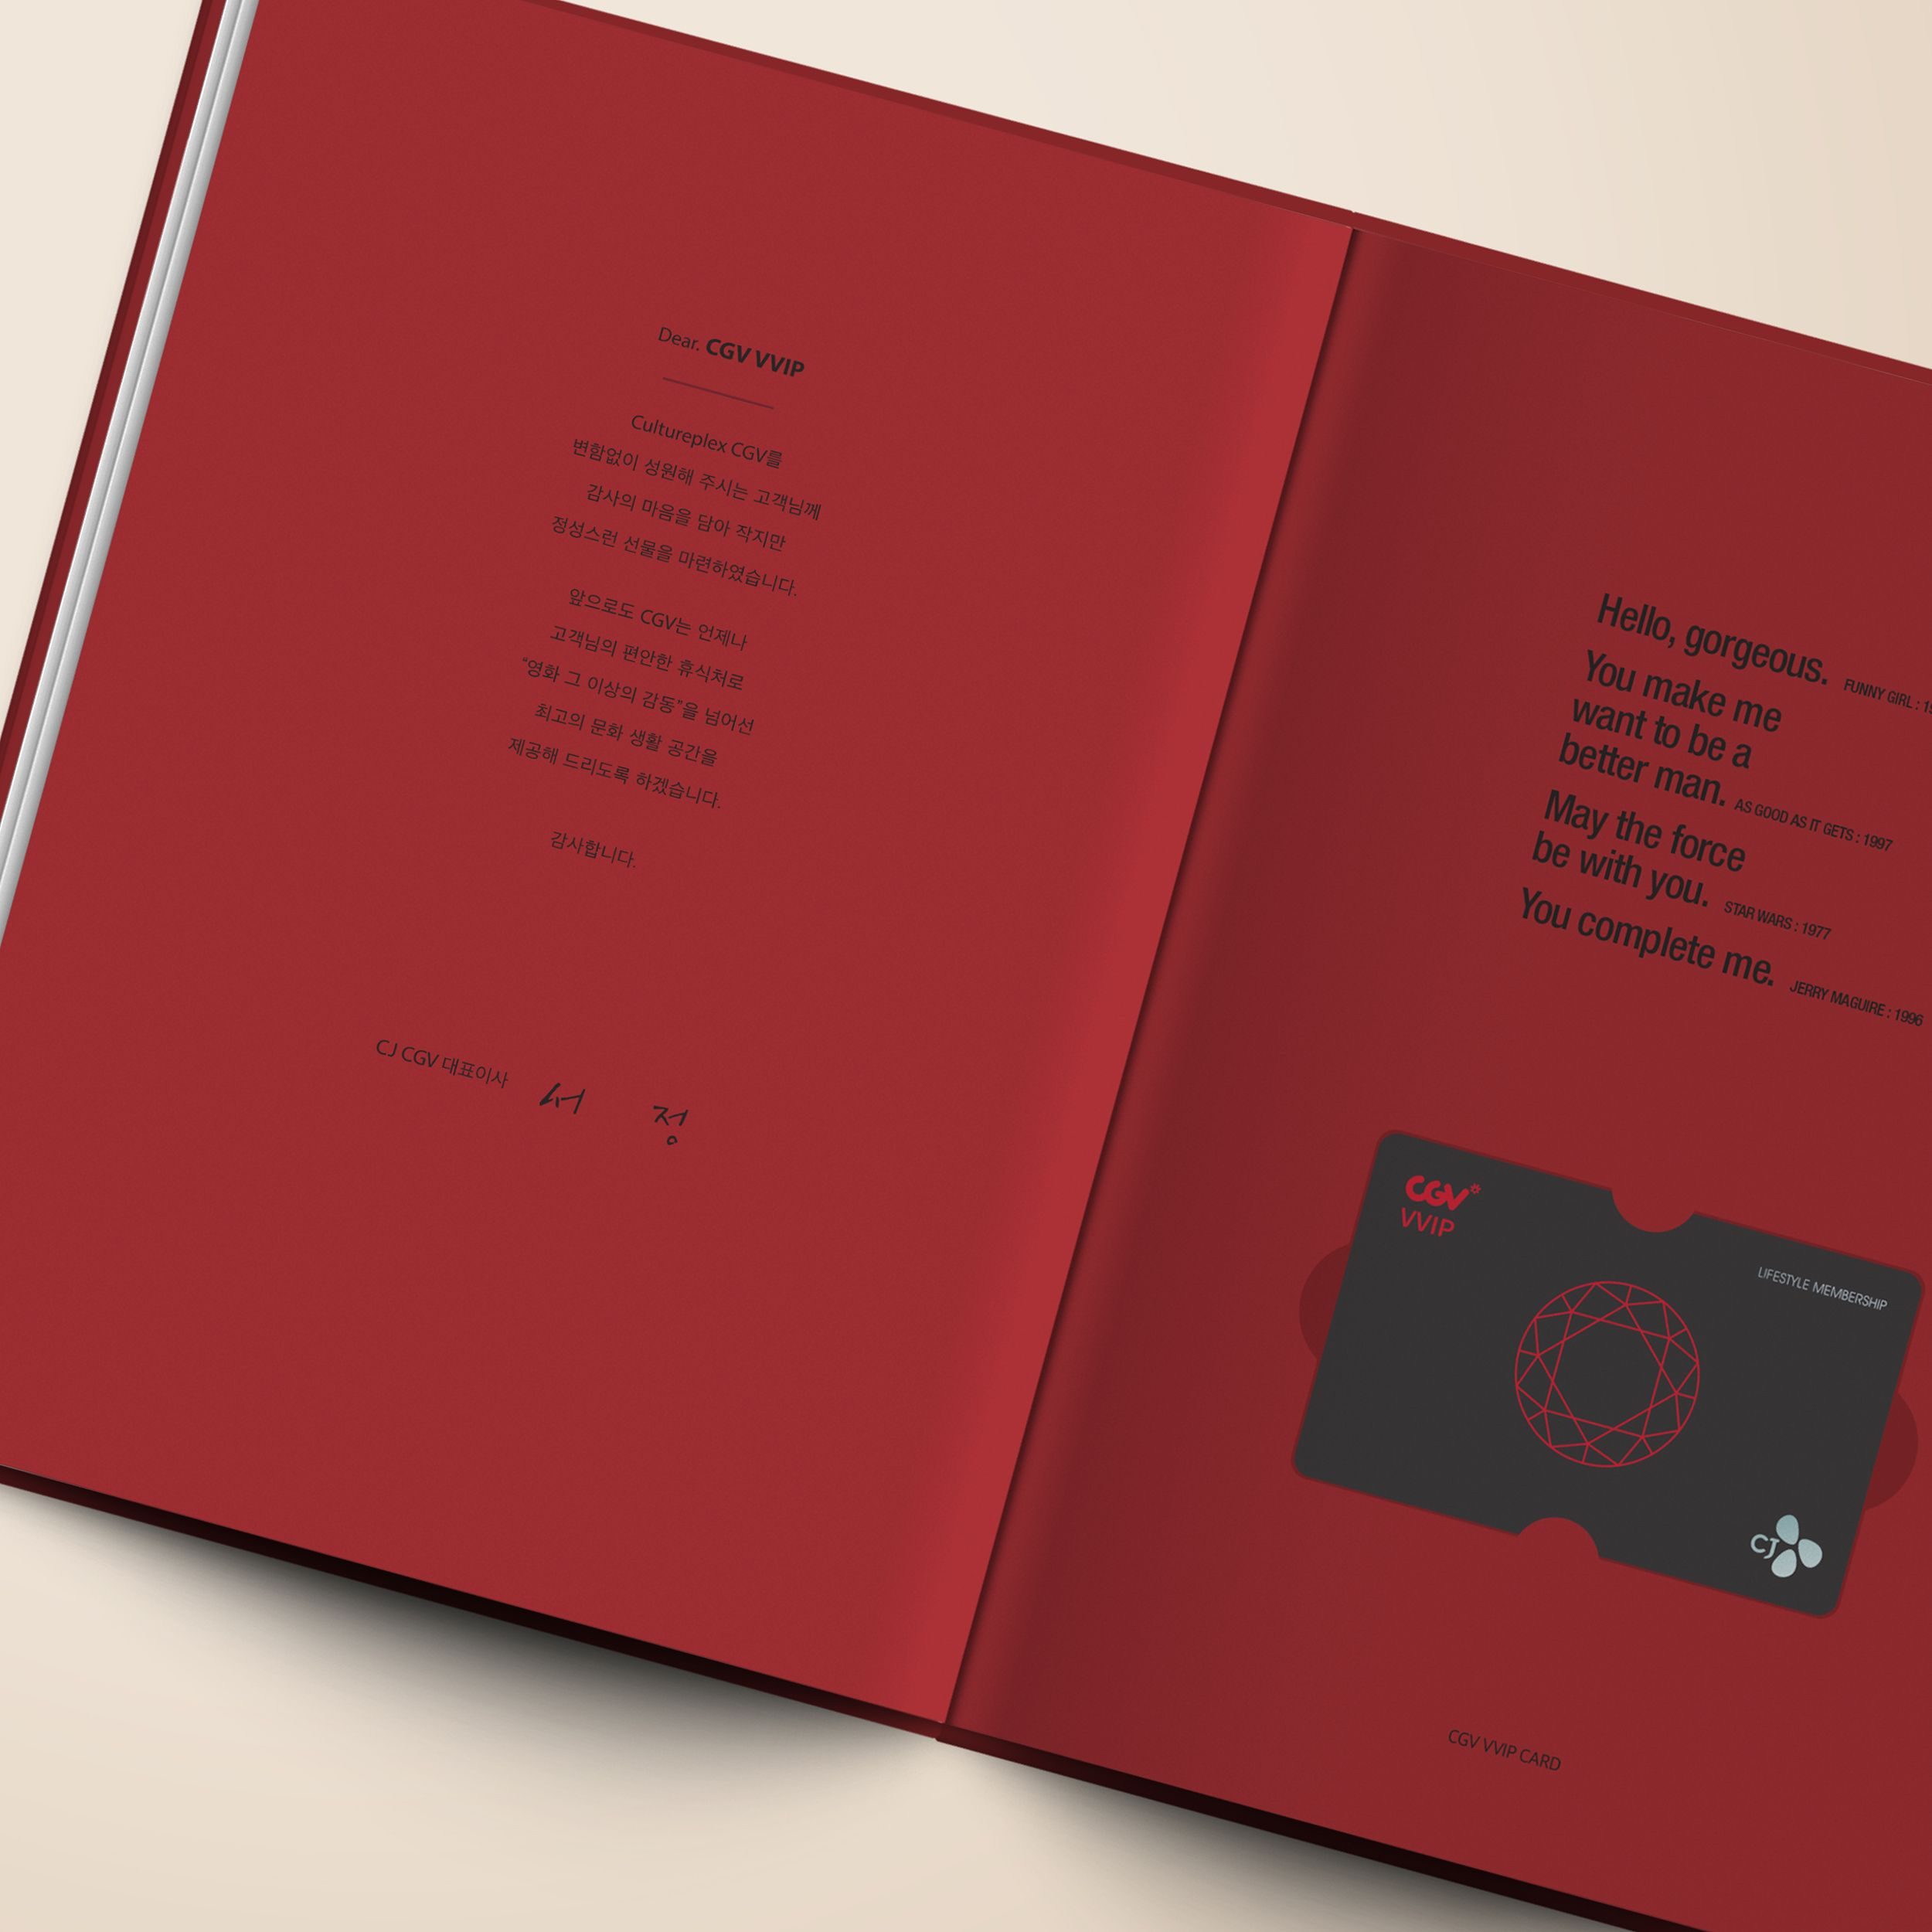 Good Bookcover Design: 2016 CGV VVIP Gift & Package / 2016 CGV VVIP &